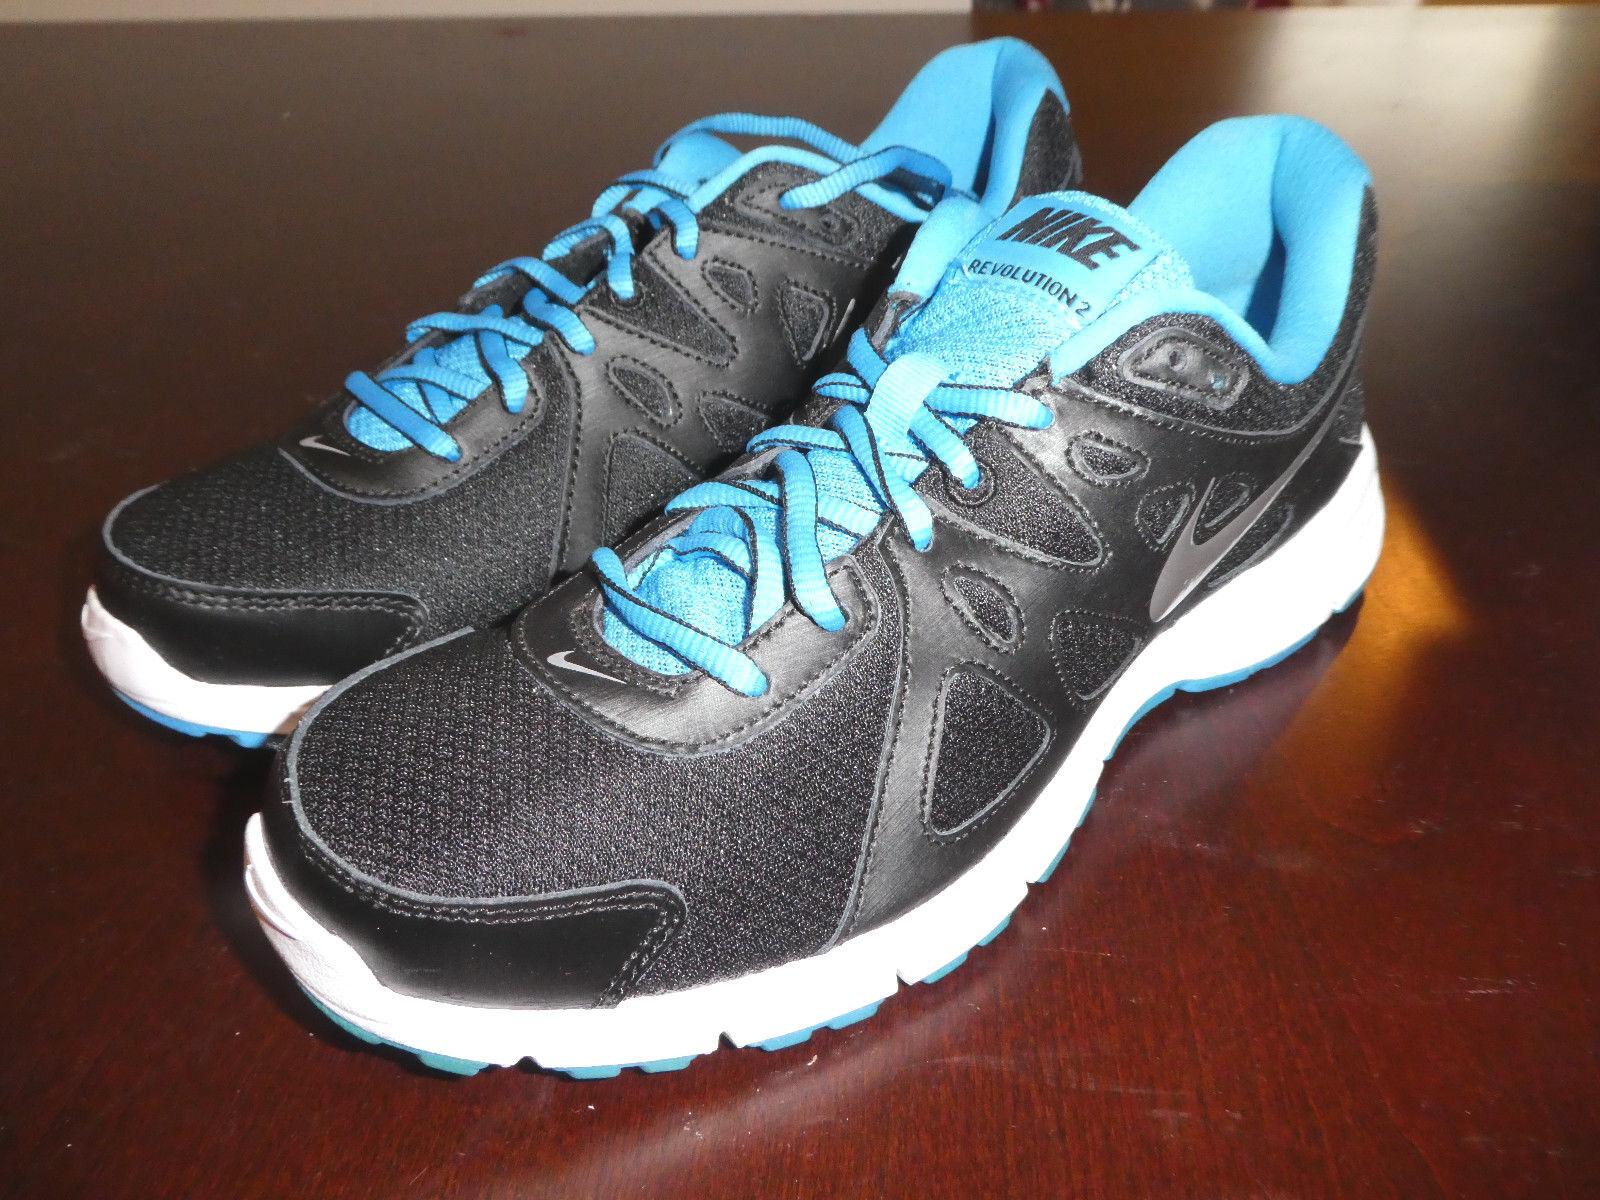 Nike Revolution 2 shoes Uomo new scarpe da ginnastica 554953 033